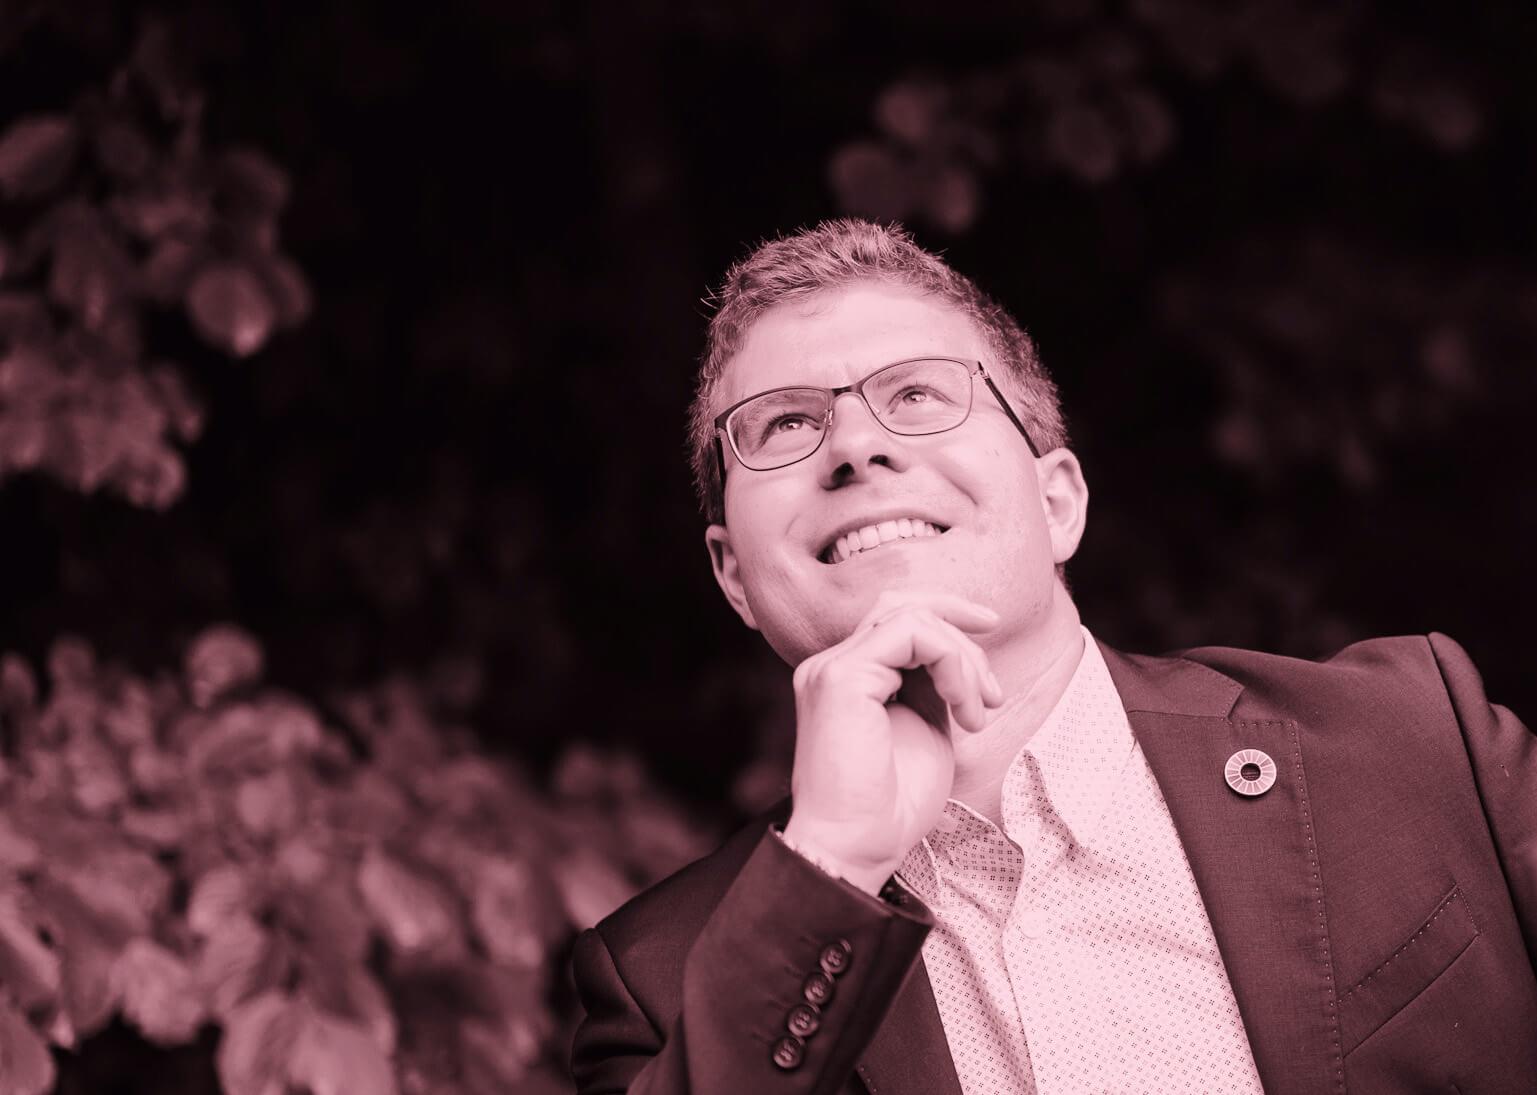 """Florian Leregger: """"Ich sehe Nachhaltigkeit als Chance und Lösung! Dafür bedarf es Verantwortung, Wissen, Innovation und Kooperation."""""""